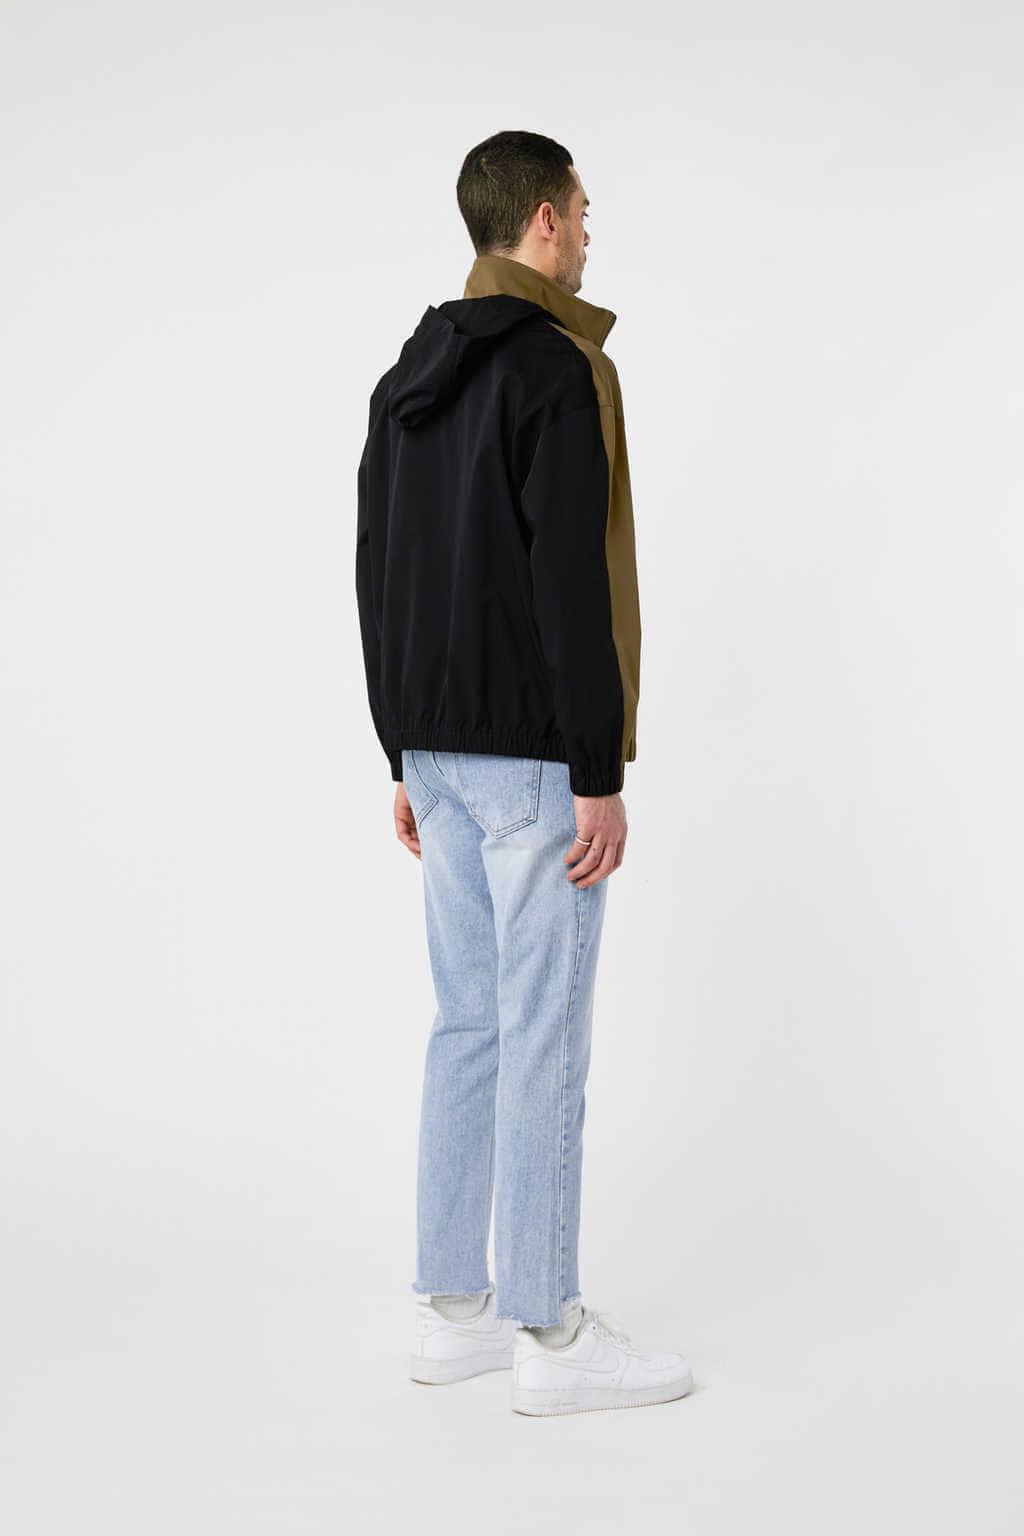 Jacket 3015 Olive 4